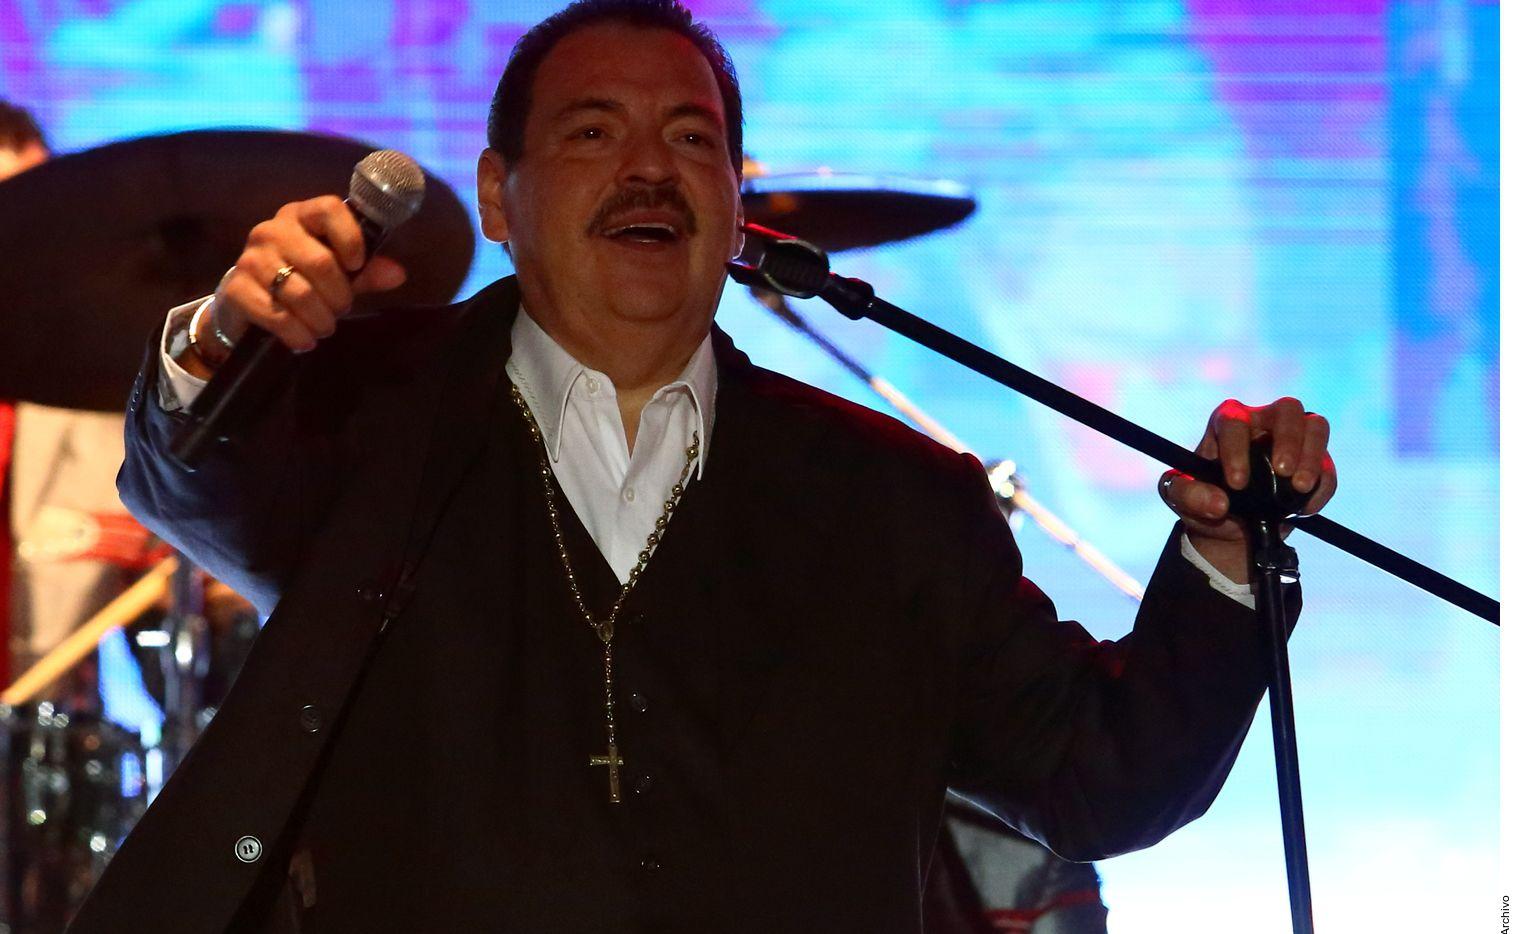 El mazatleco Julio Preciado dijo en una entrevista para El Debate que podría ser sometido a un trasplante de riñón, incluso que sus familiares se harán estudios para ver quien puede ser el candidato.